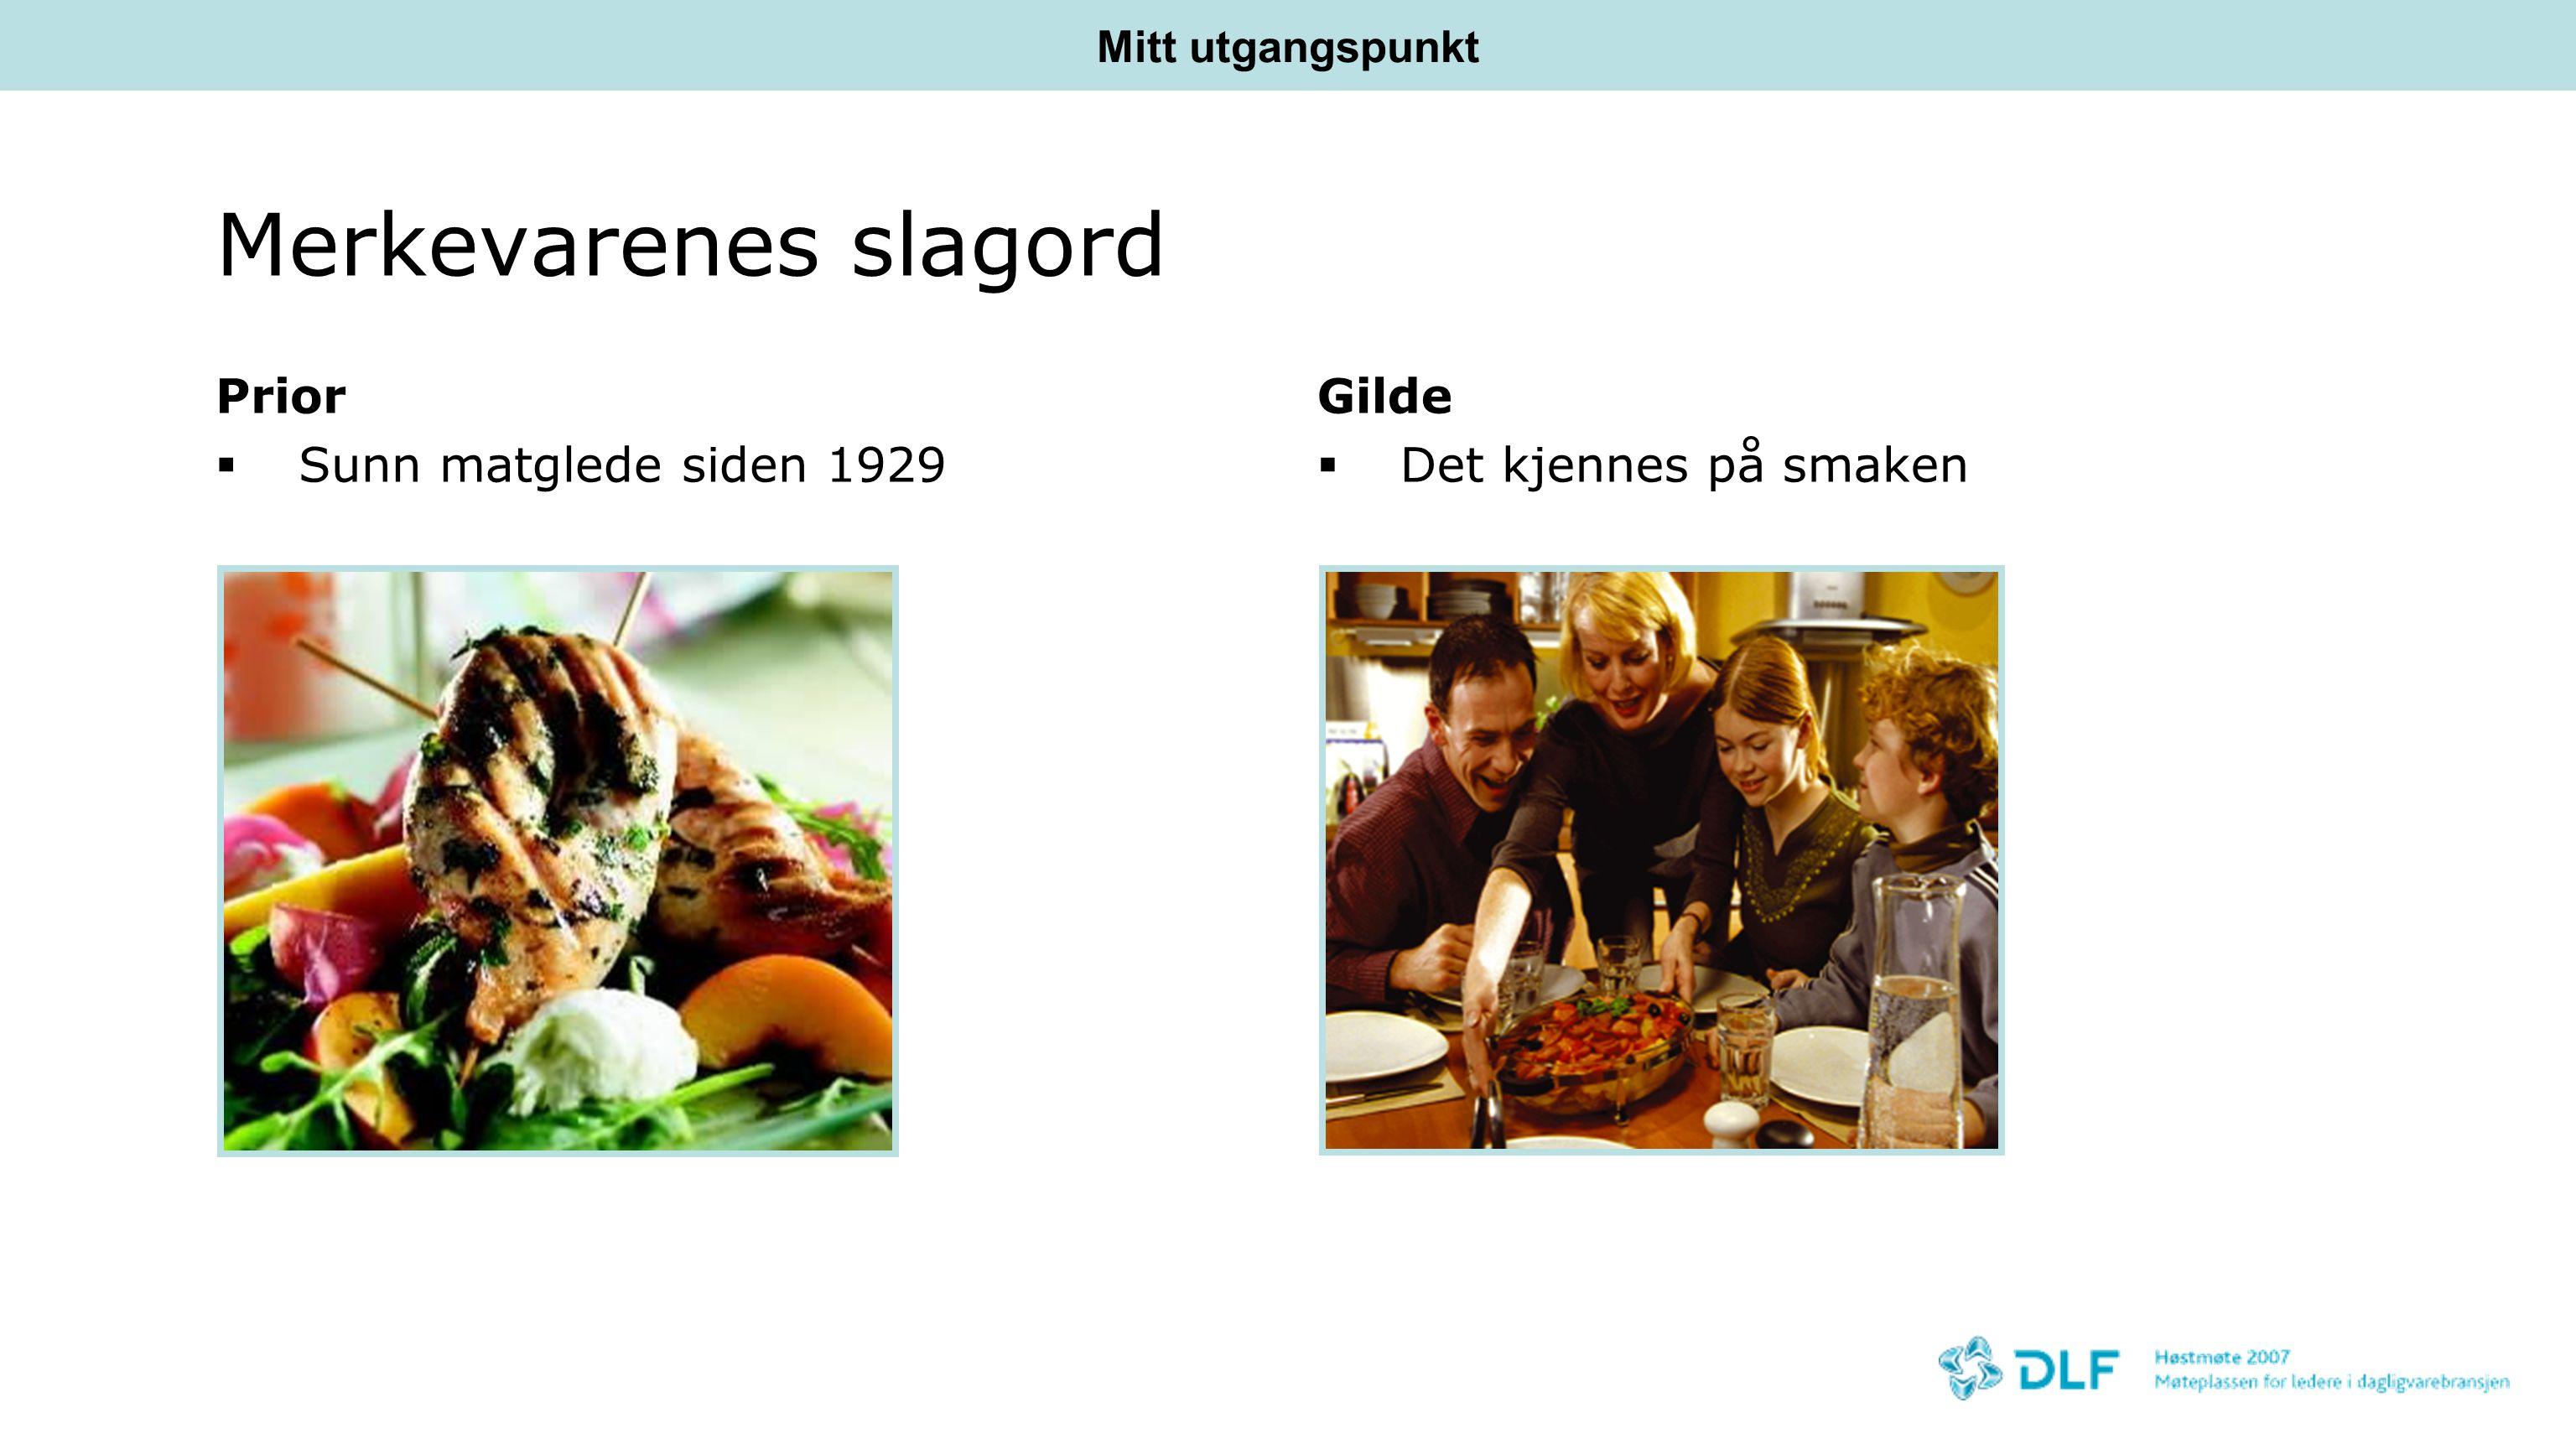 Merkevarenes slagord Prior Sunn matglede siden 1929 Gilde